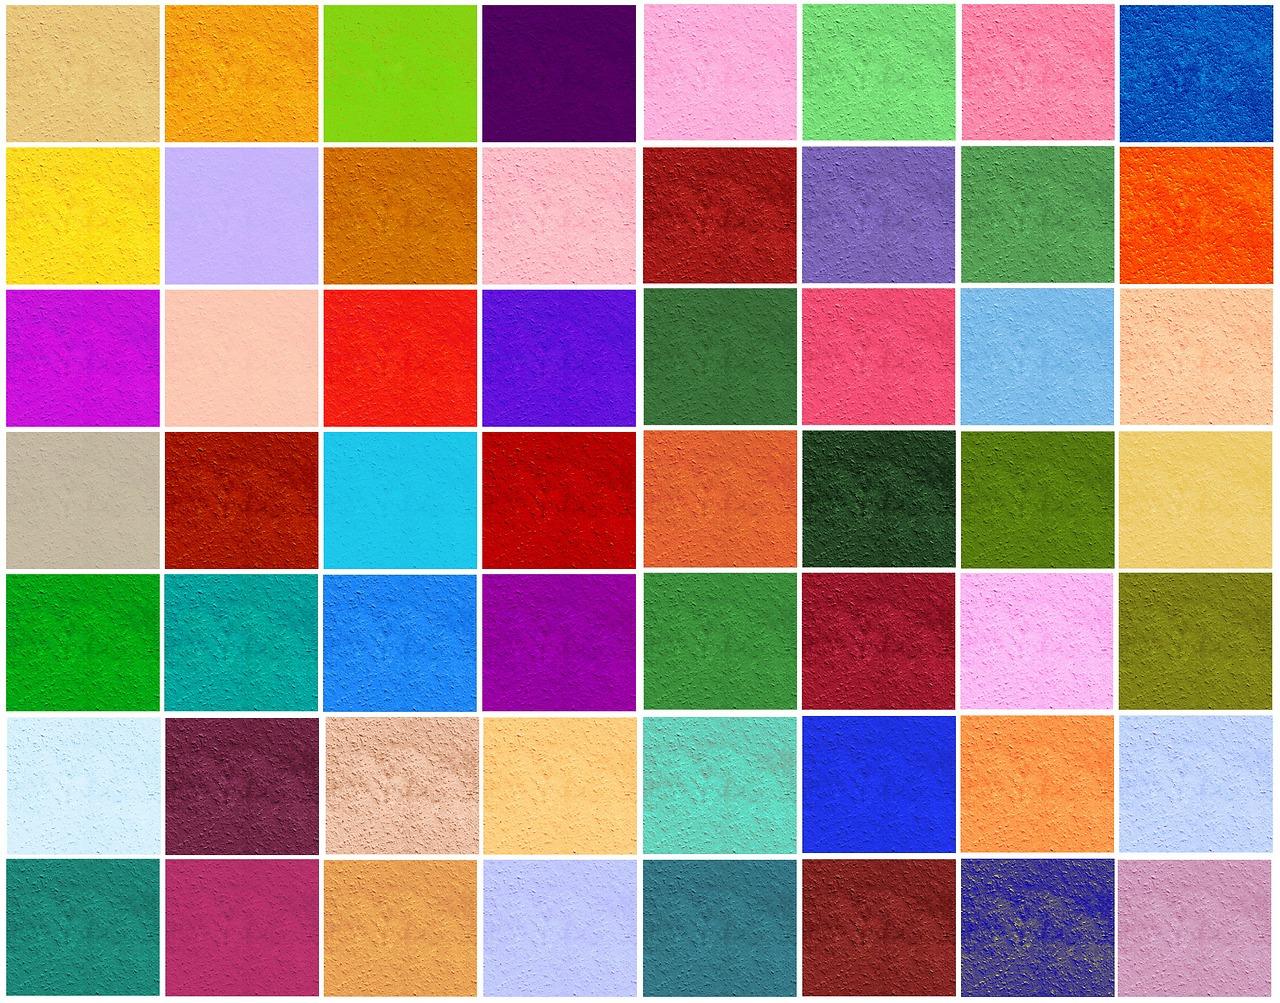 вместо фото цветные квадраты скажут, что над